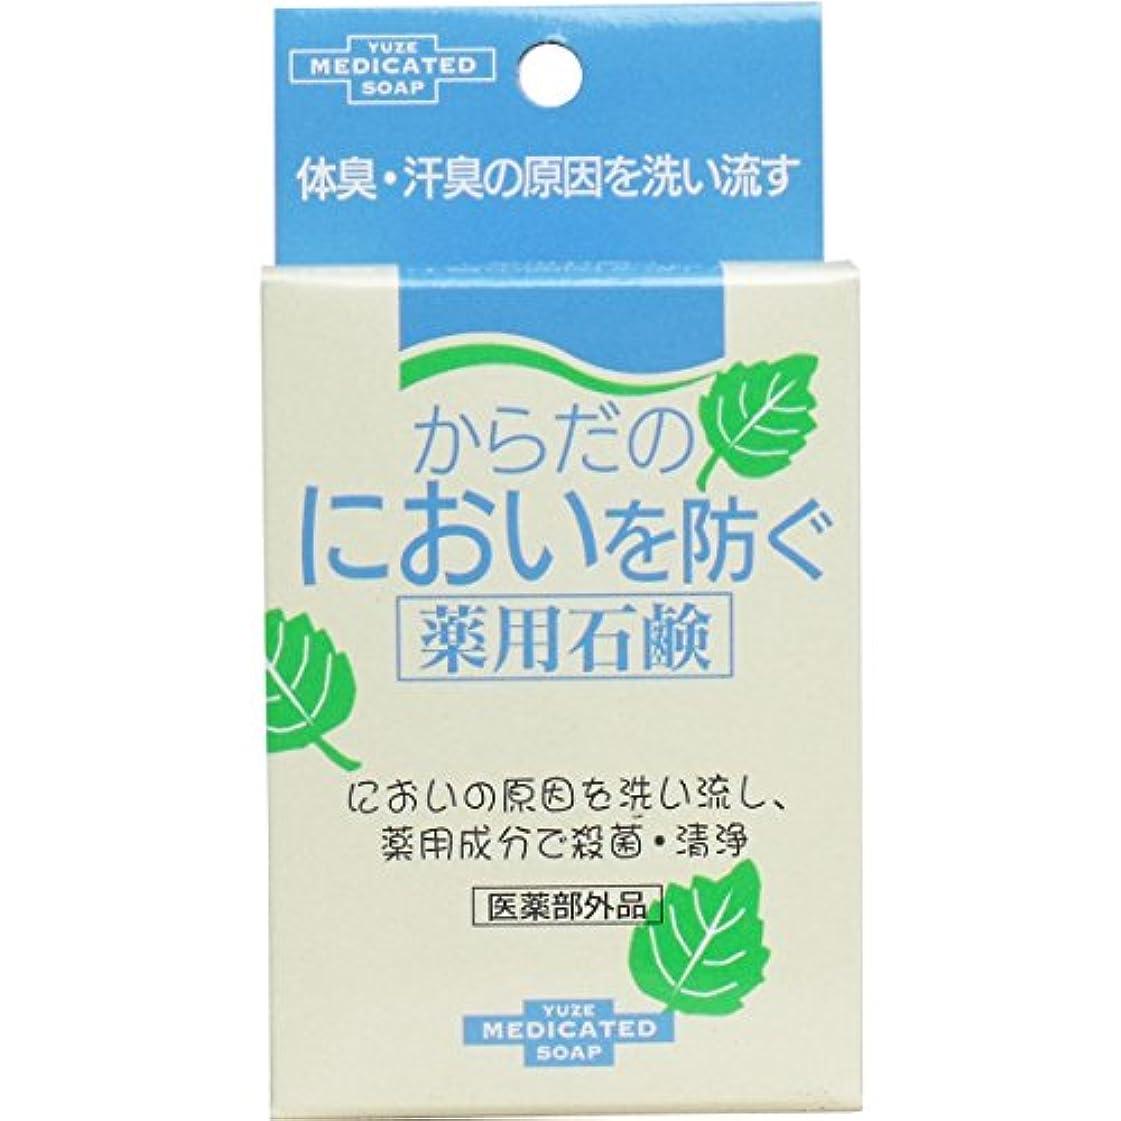 ユゼ からだのにおいを防ぐ薬用石鹸 7セット